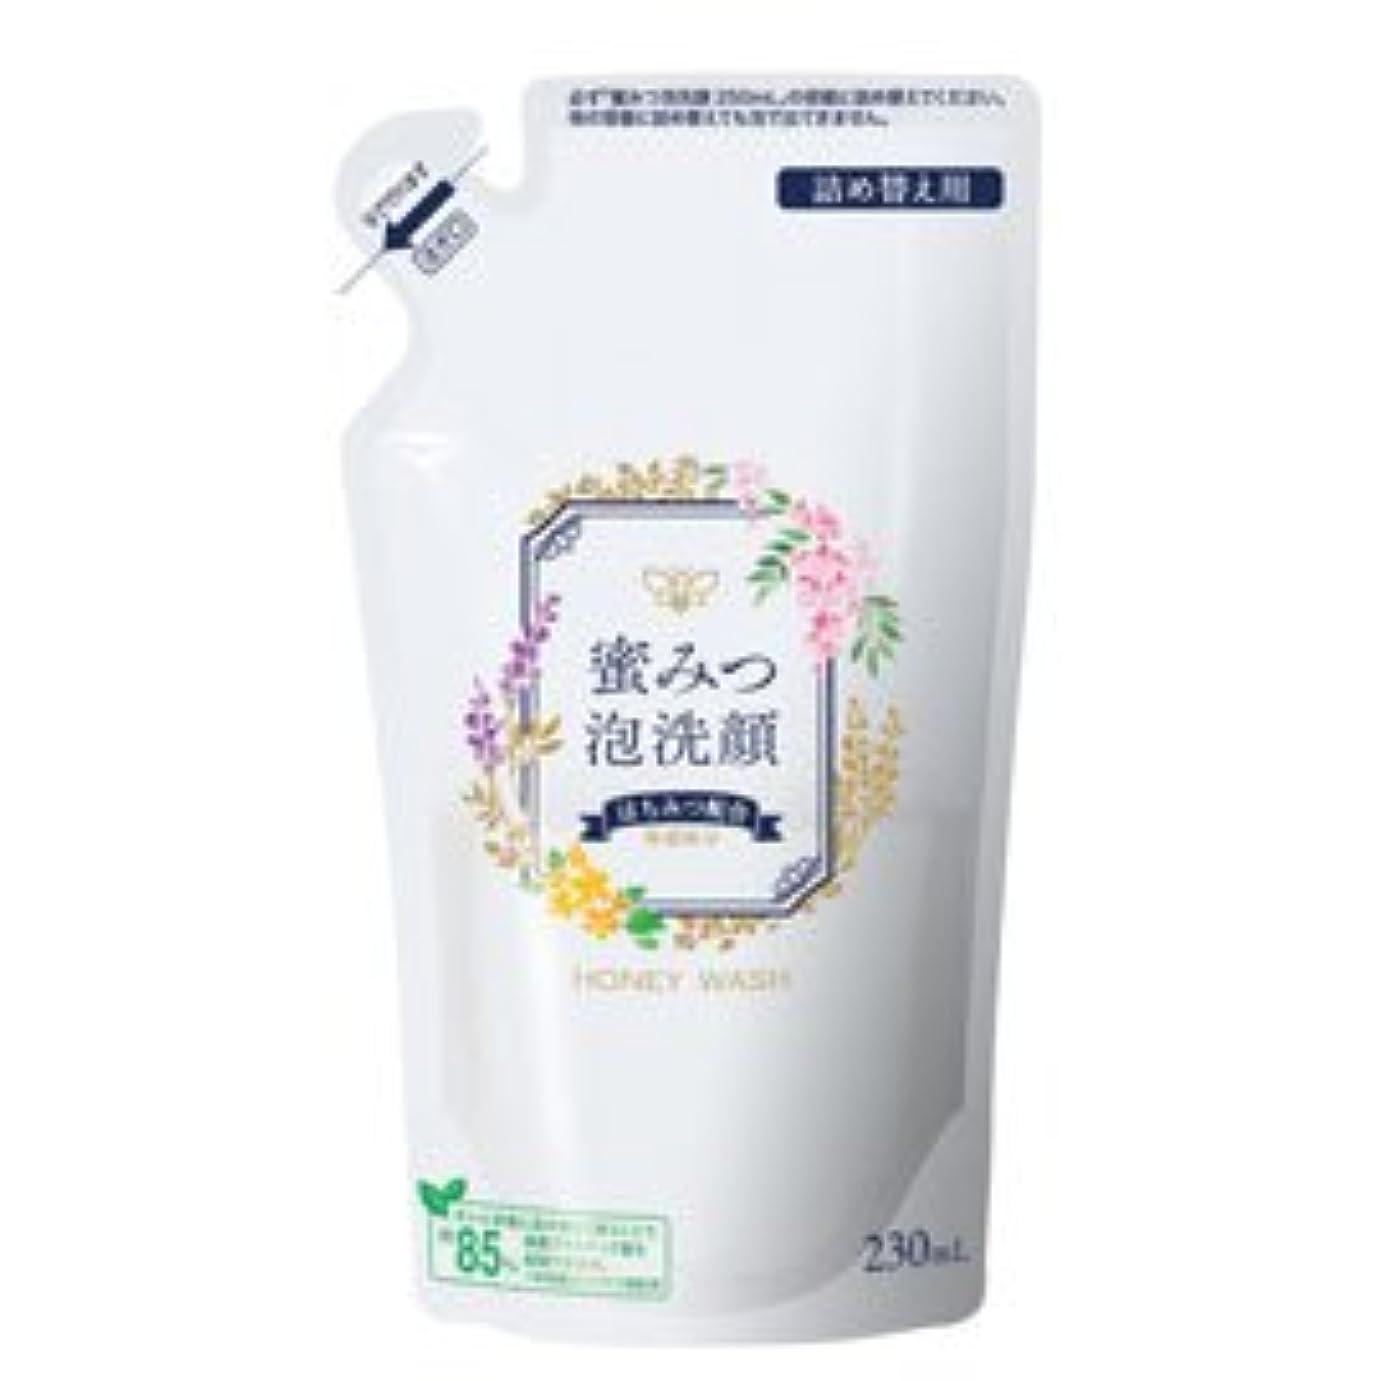 コンプリート偏差戻る蜜みつ泡洗顔 230mL(詰替用)